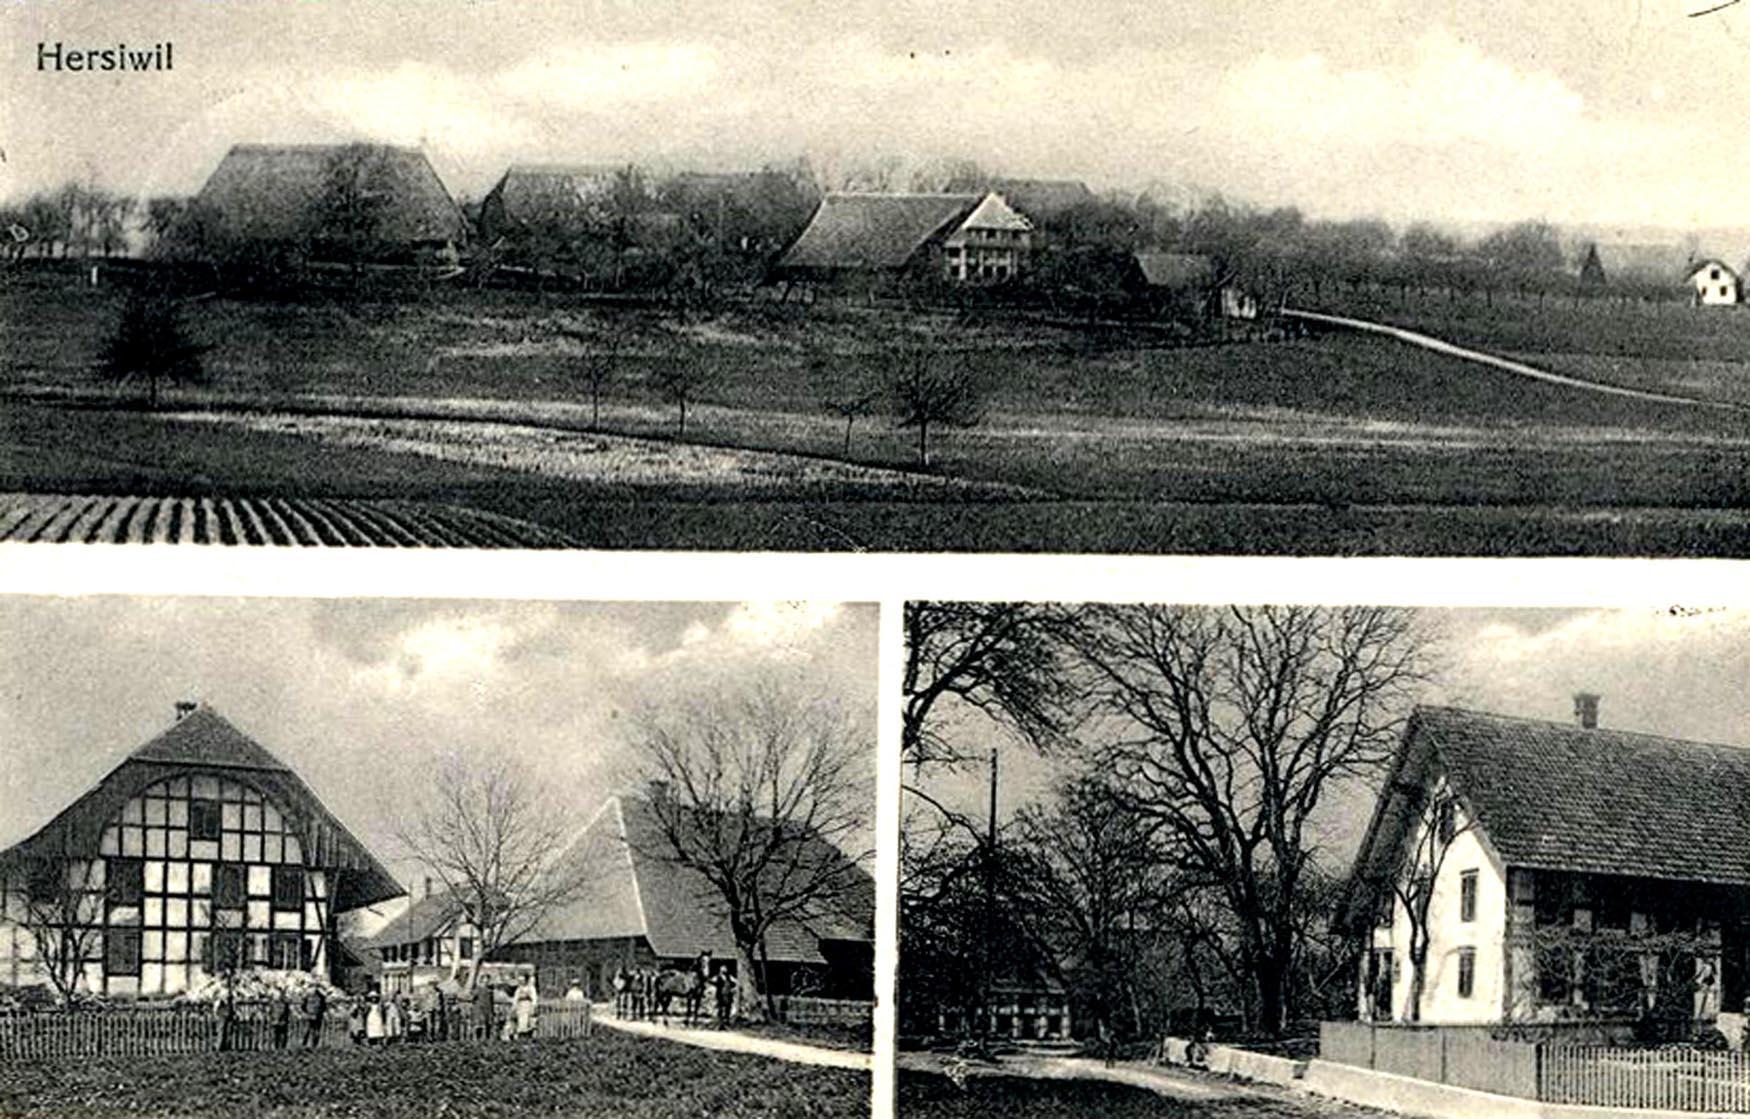 Hersiwil_um_1900_Postkarte